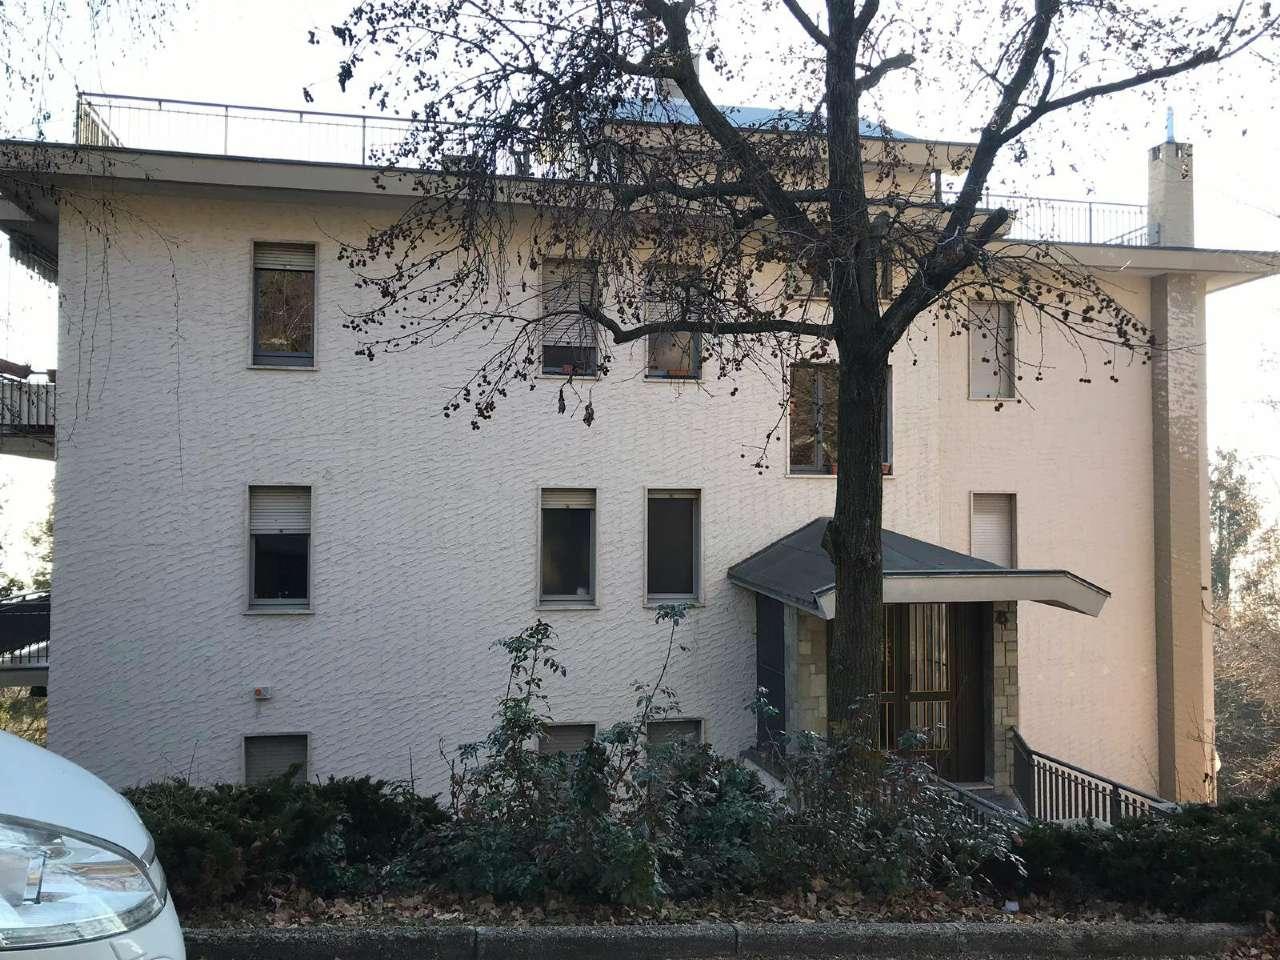 Appartamento in vendita a Pecetto Torinese, 3 locali, prezzo € 138.000 | PortaleAgenzieImmobiliari.it